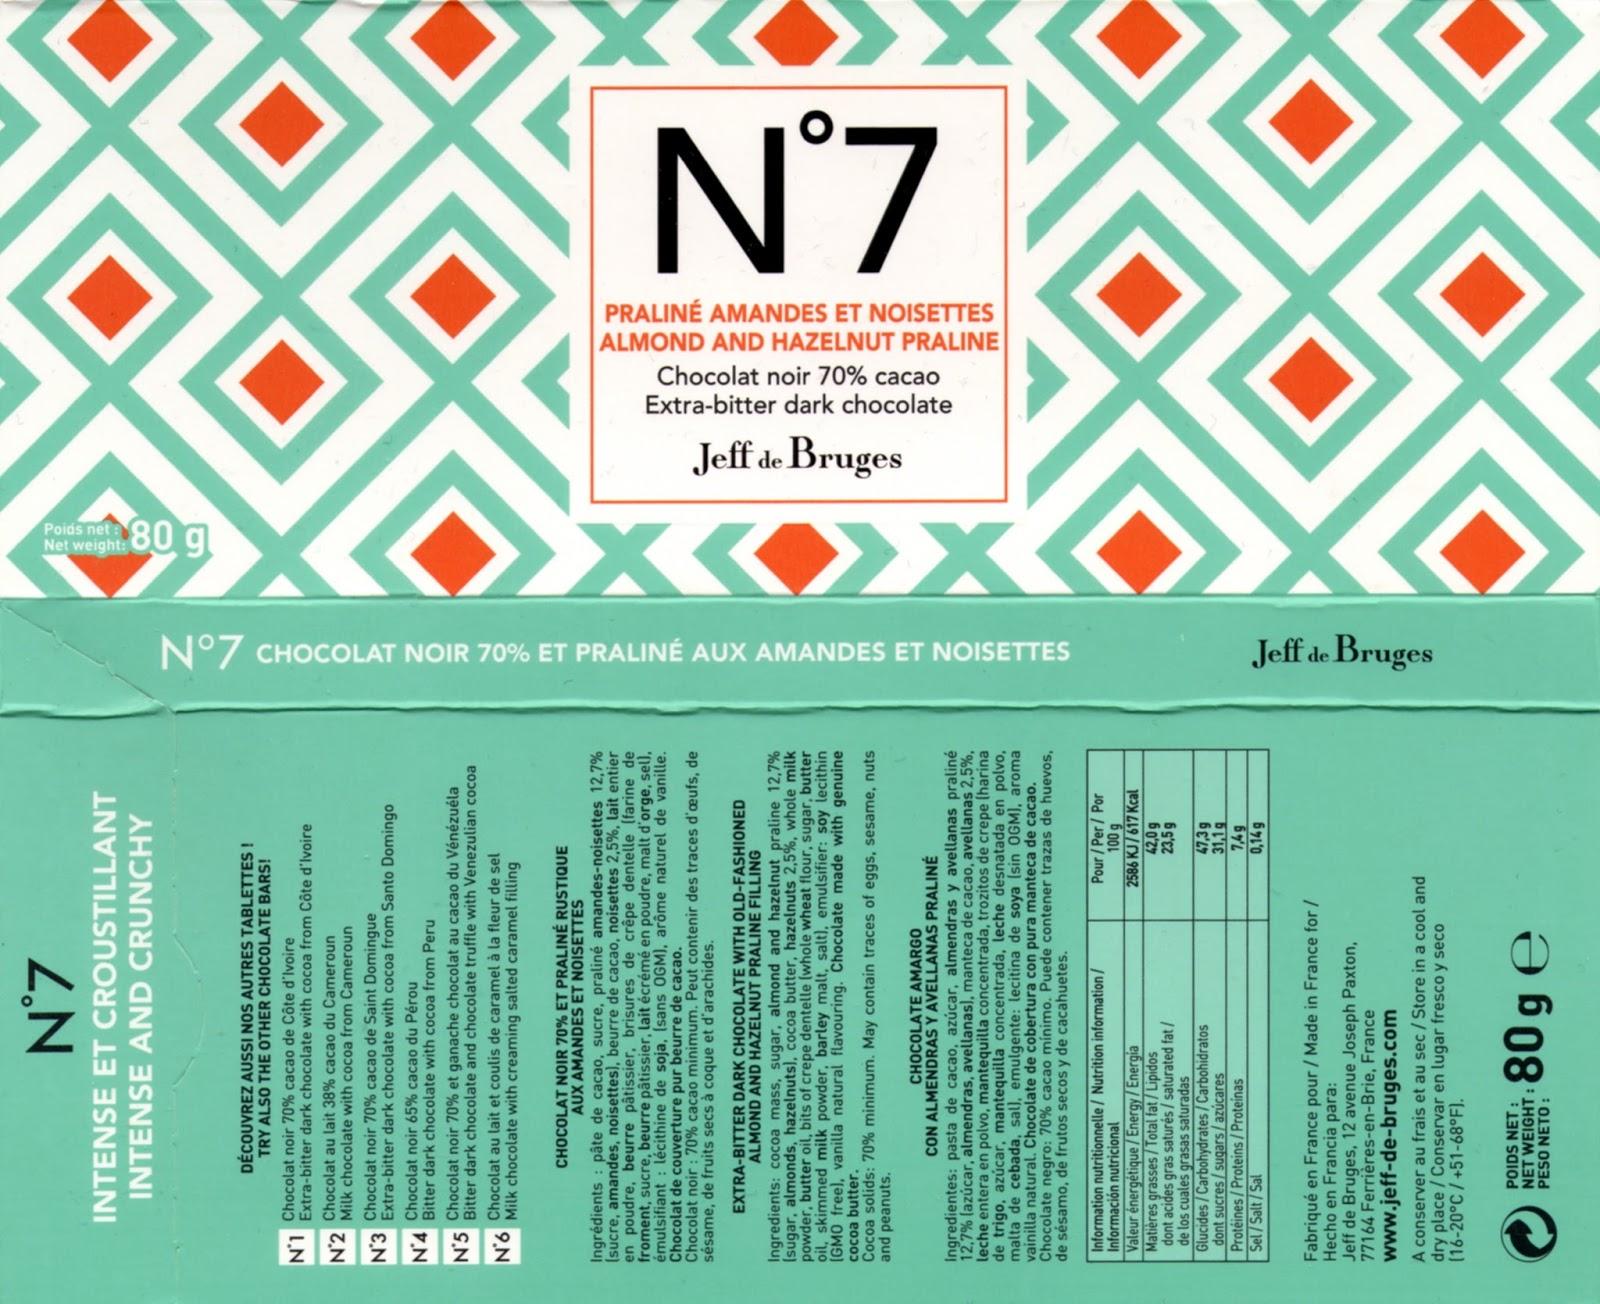 tablette de chocolat noir fourré jeff de bruges n° 7 praliné amandes et noisettes 70